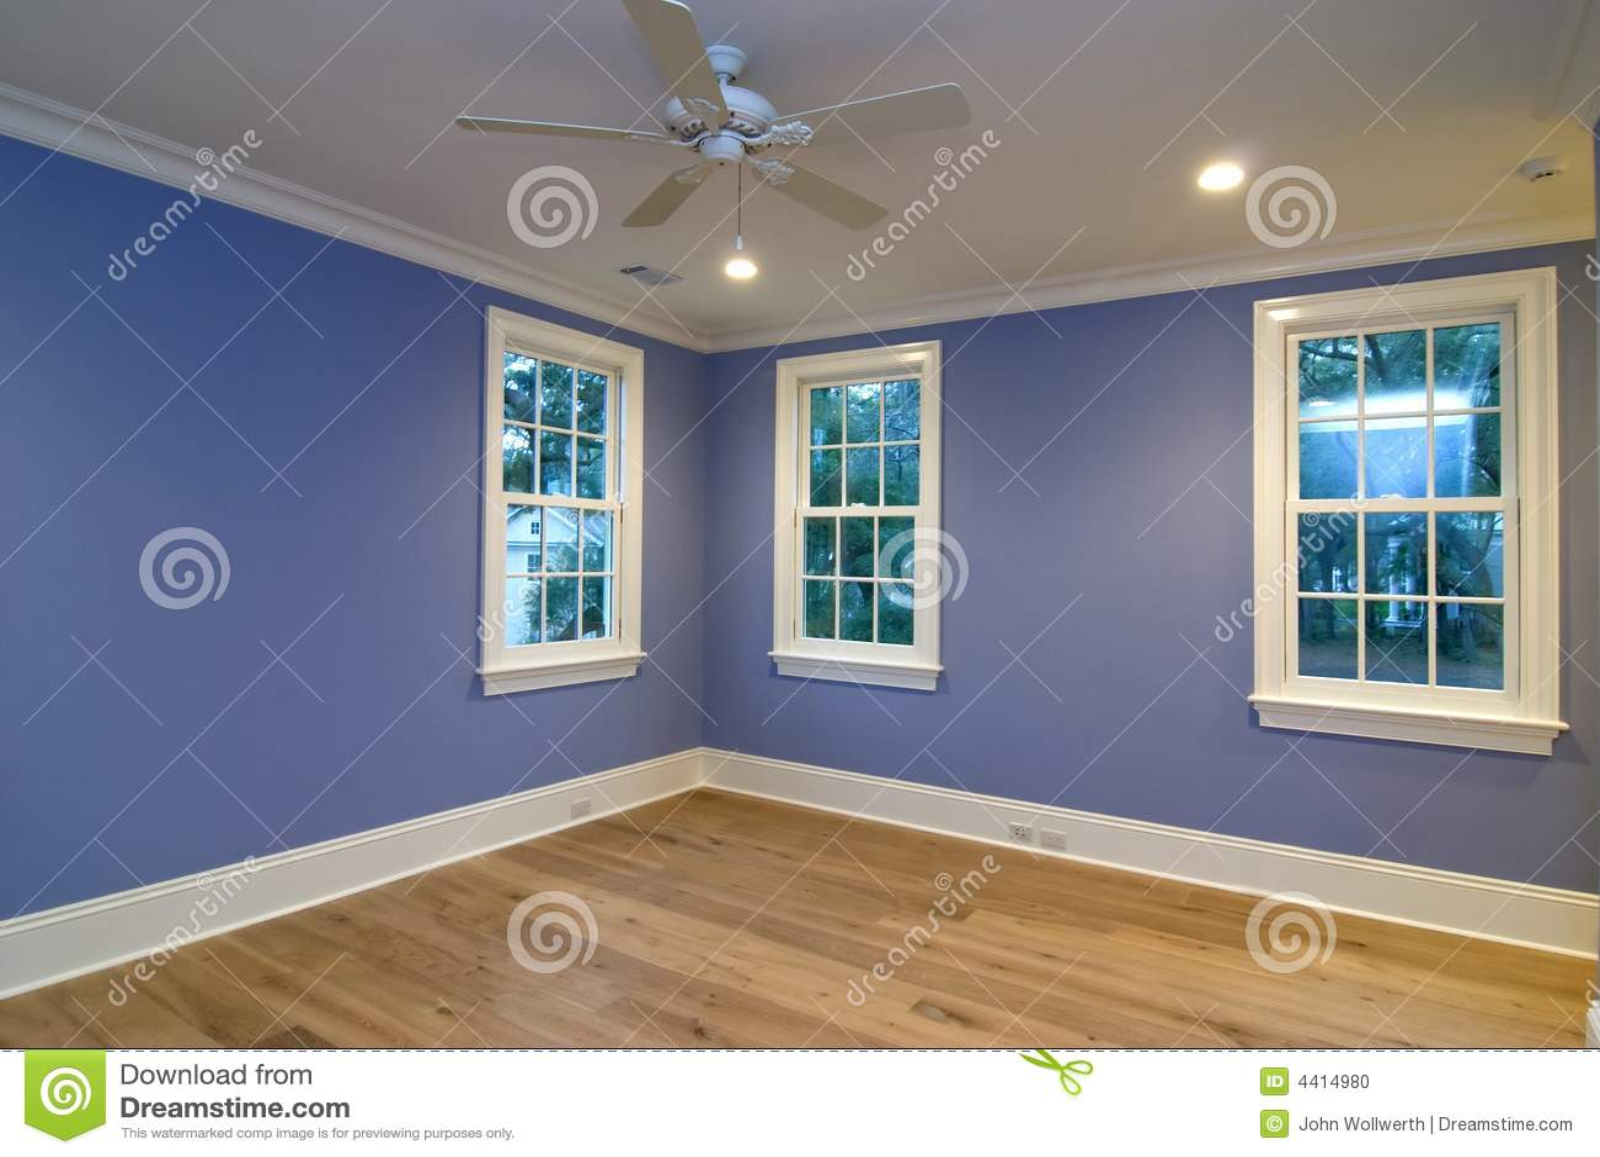 Leeres blaues schlafzimmer stockfoto bild 4414980 - Blaues schlafzimmer ...